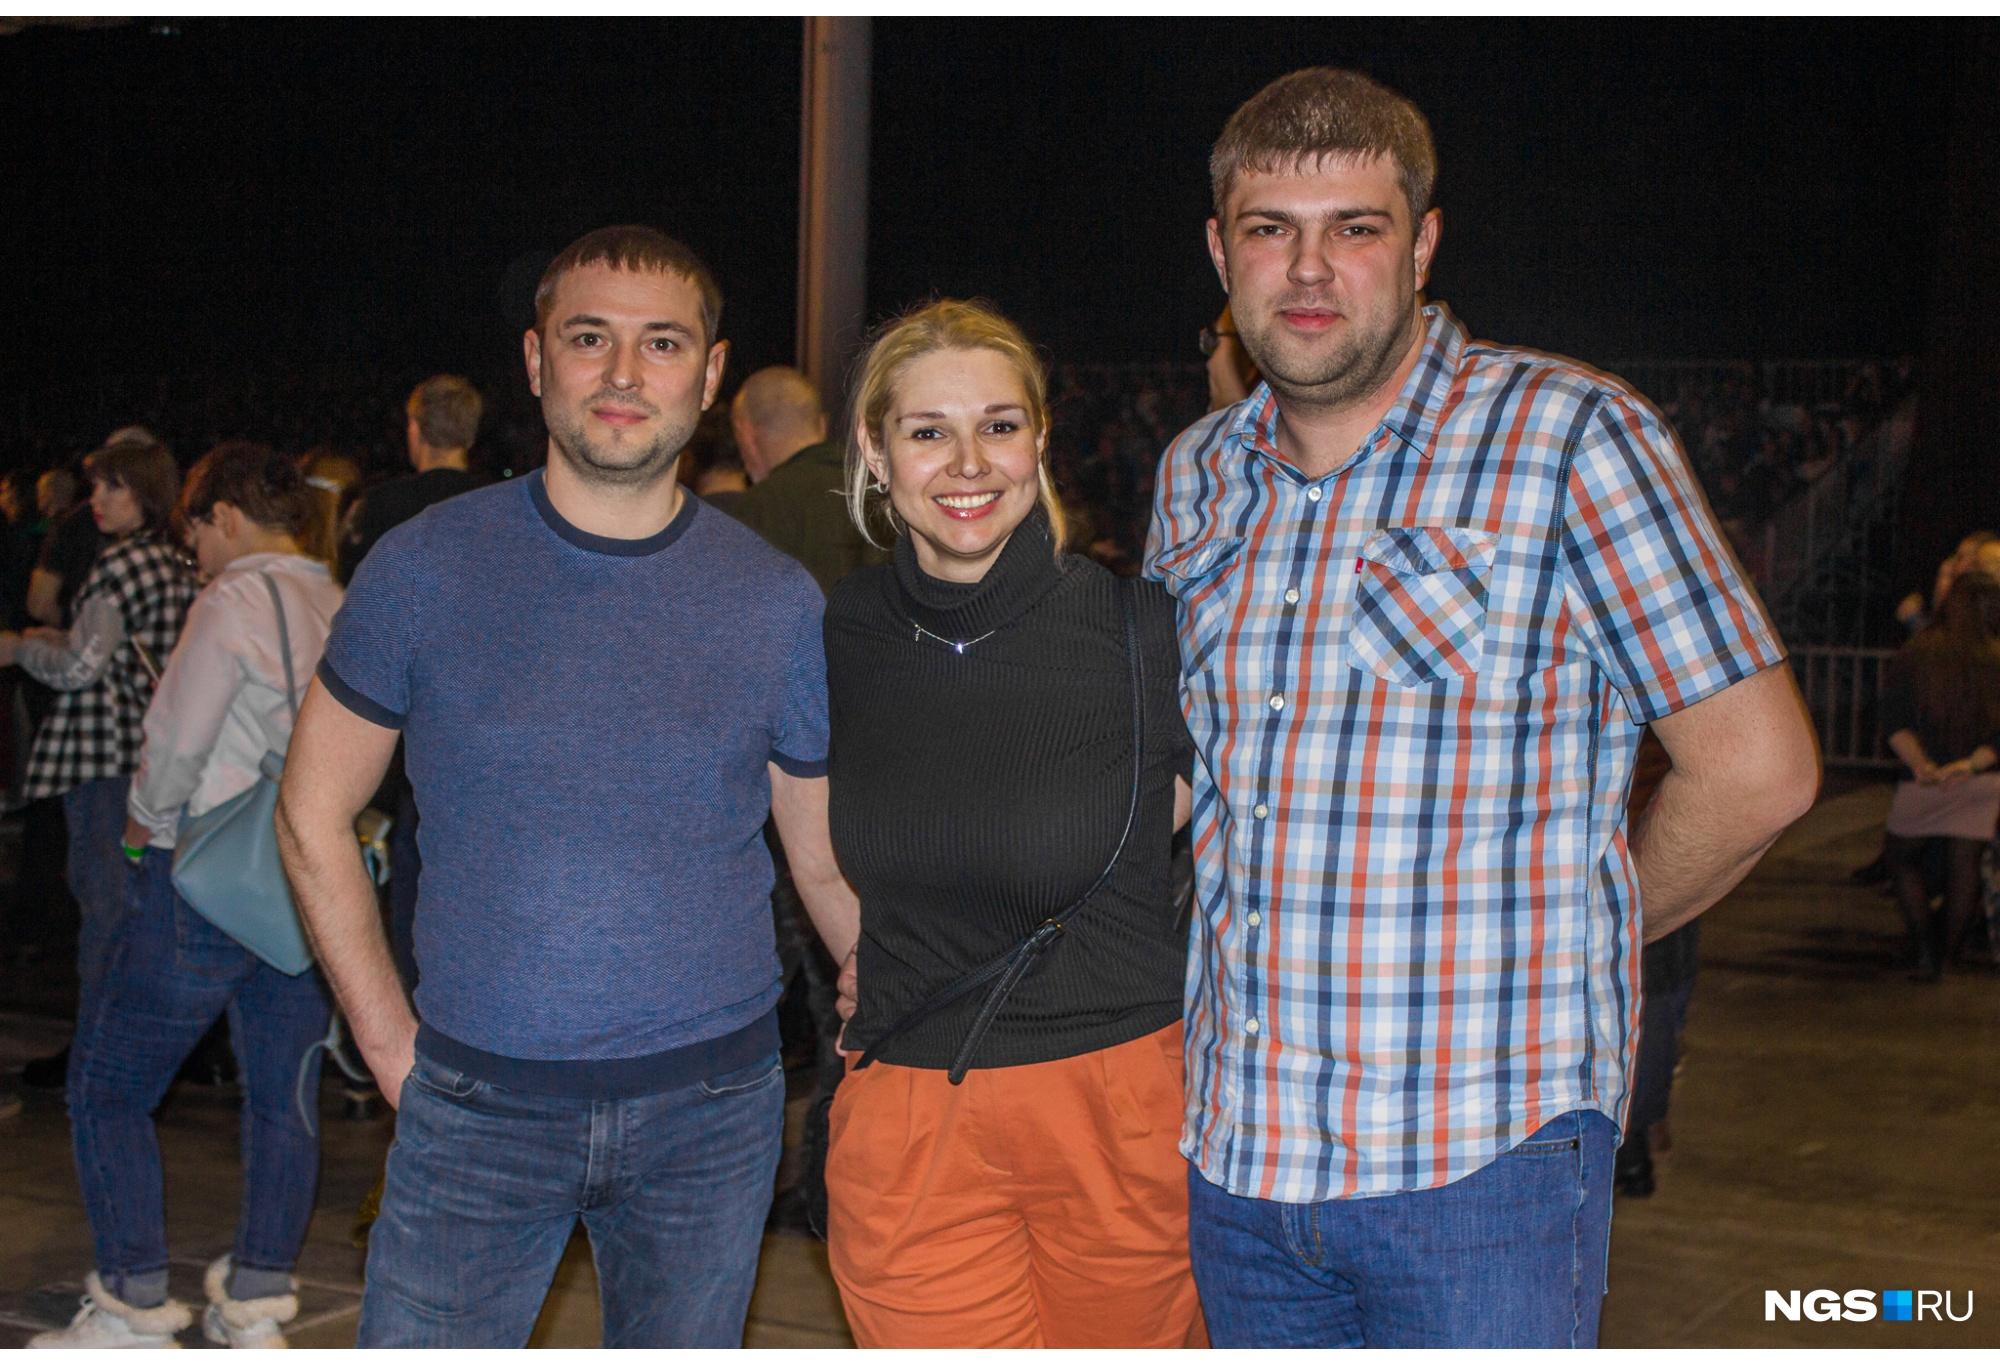 Алёна пришла на концерт с друзьями